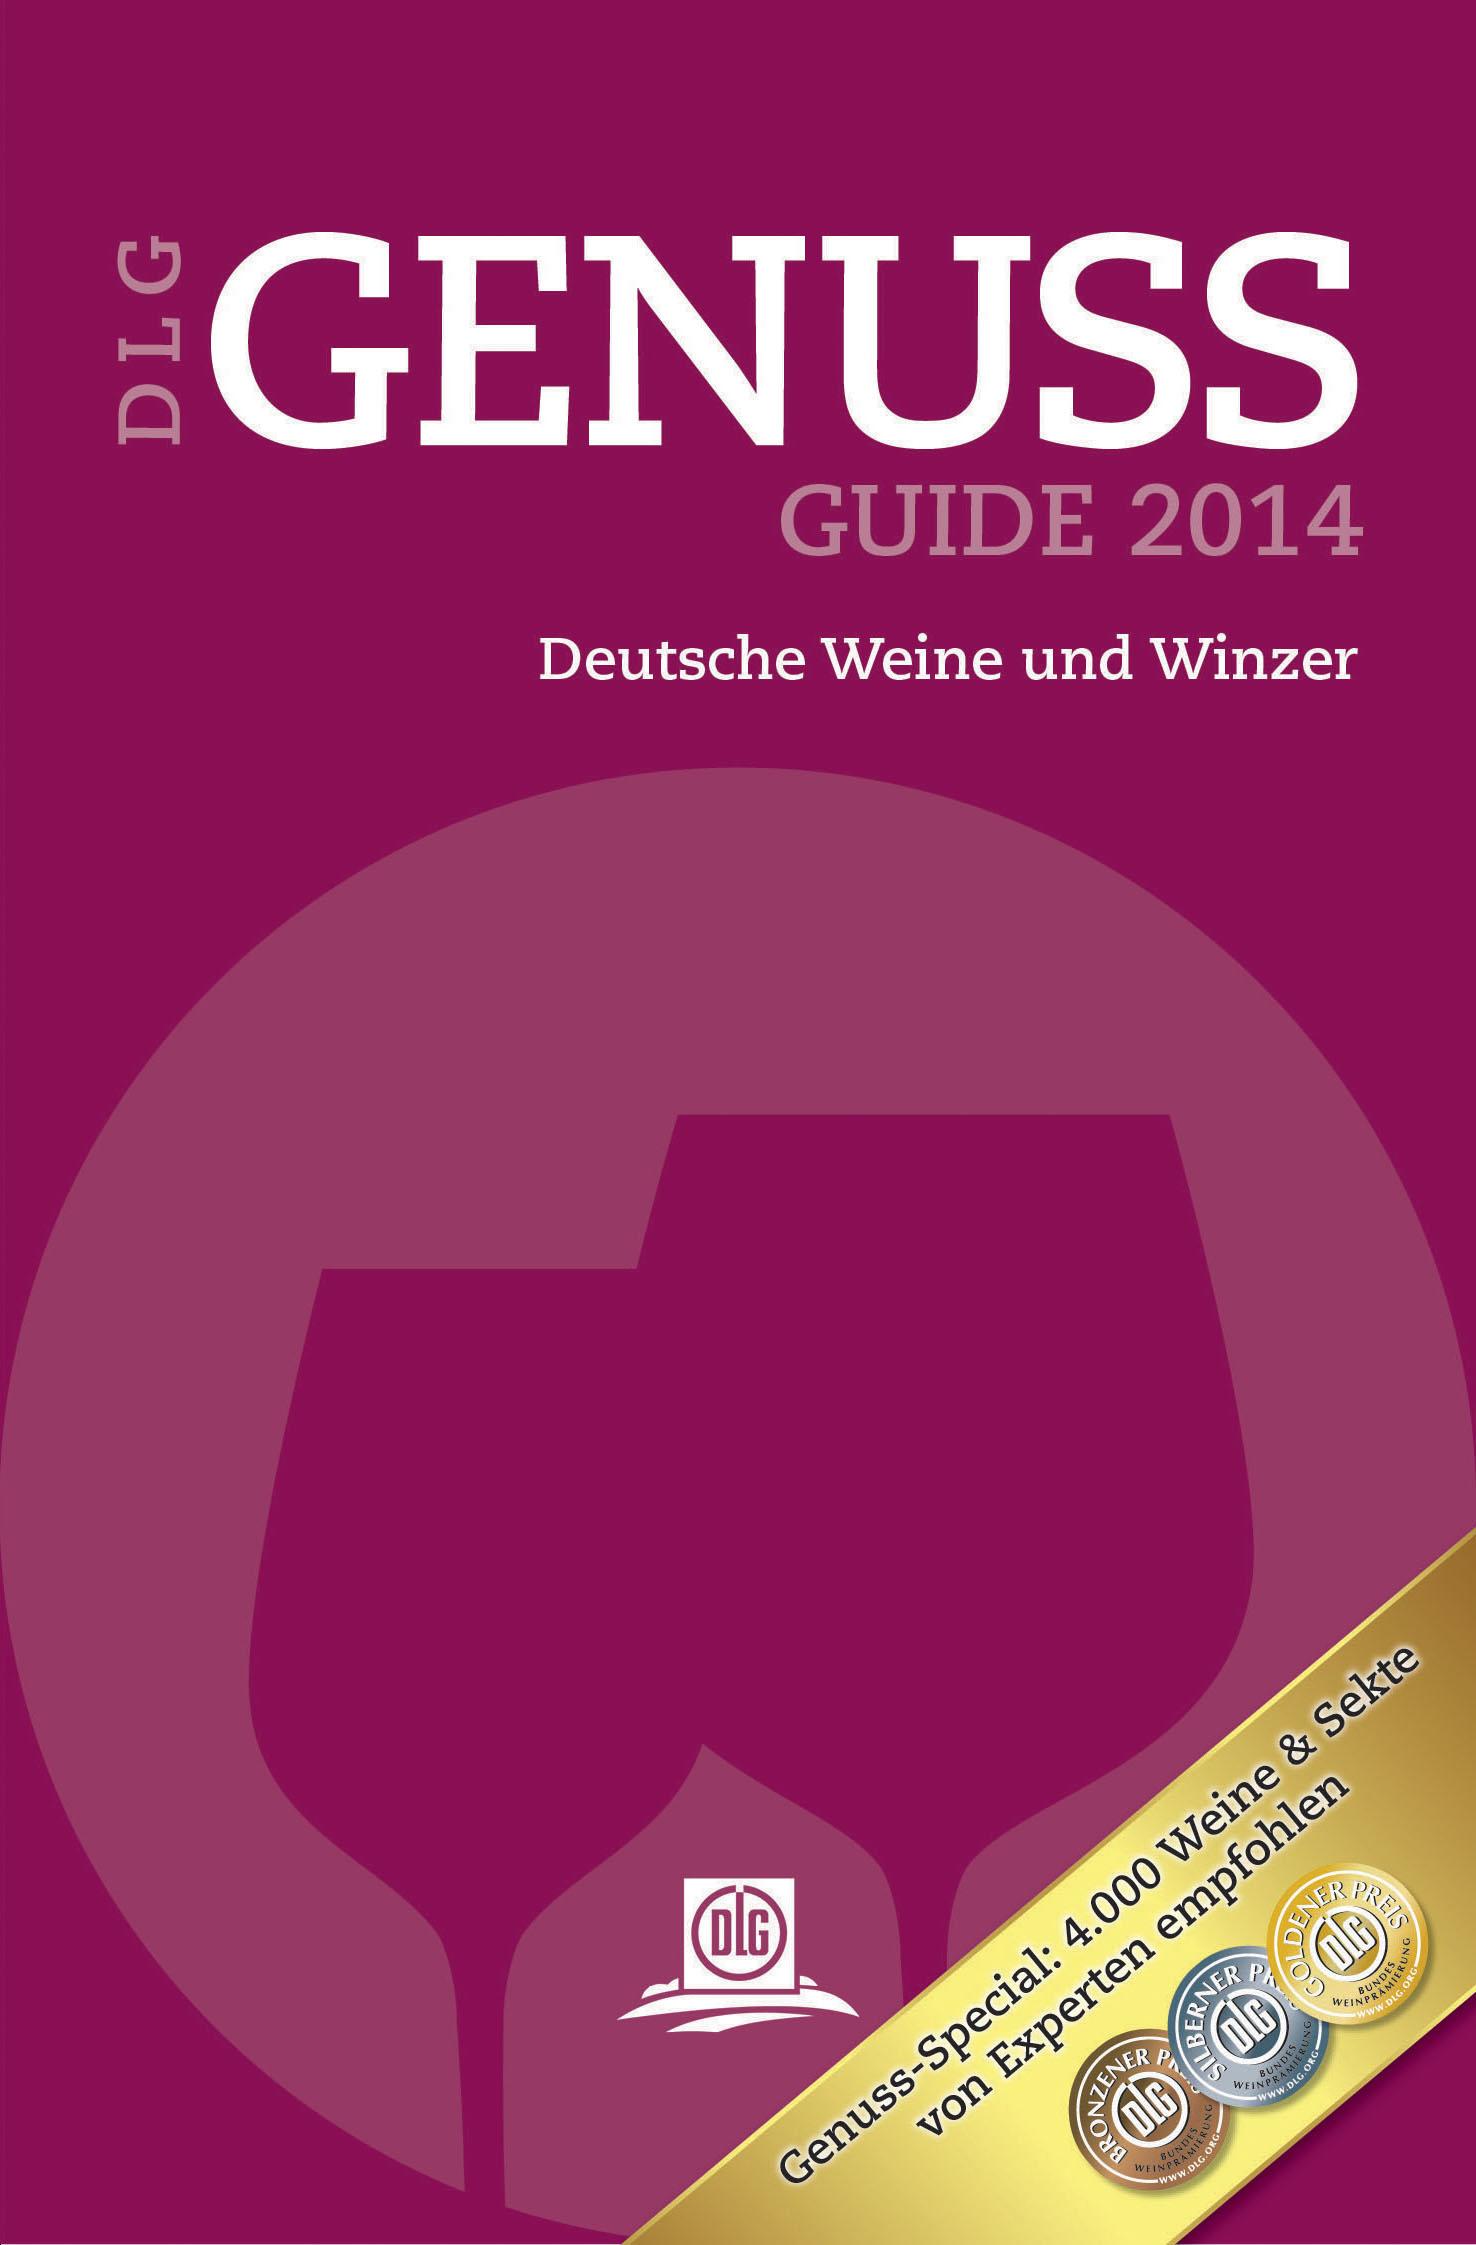 DLG GenussGuide Wein 2014: Deutsche Weine und W...